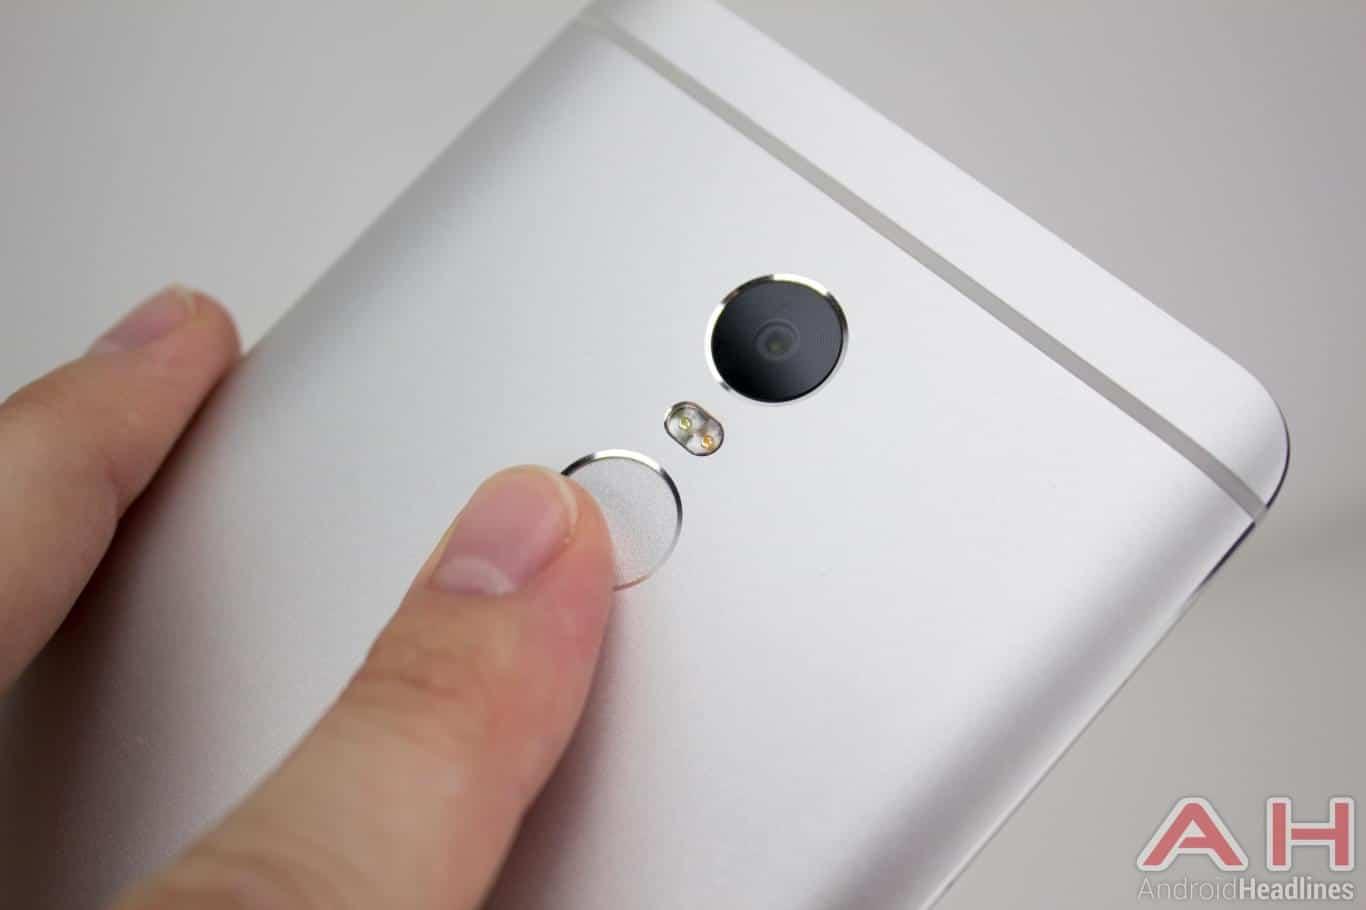 xiaomi-redmi-note-4-ah-ns-fingerprint